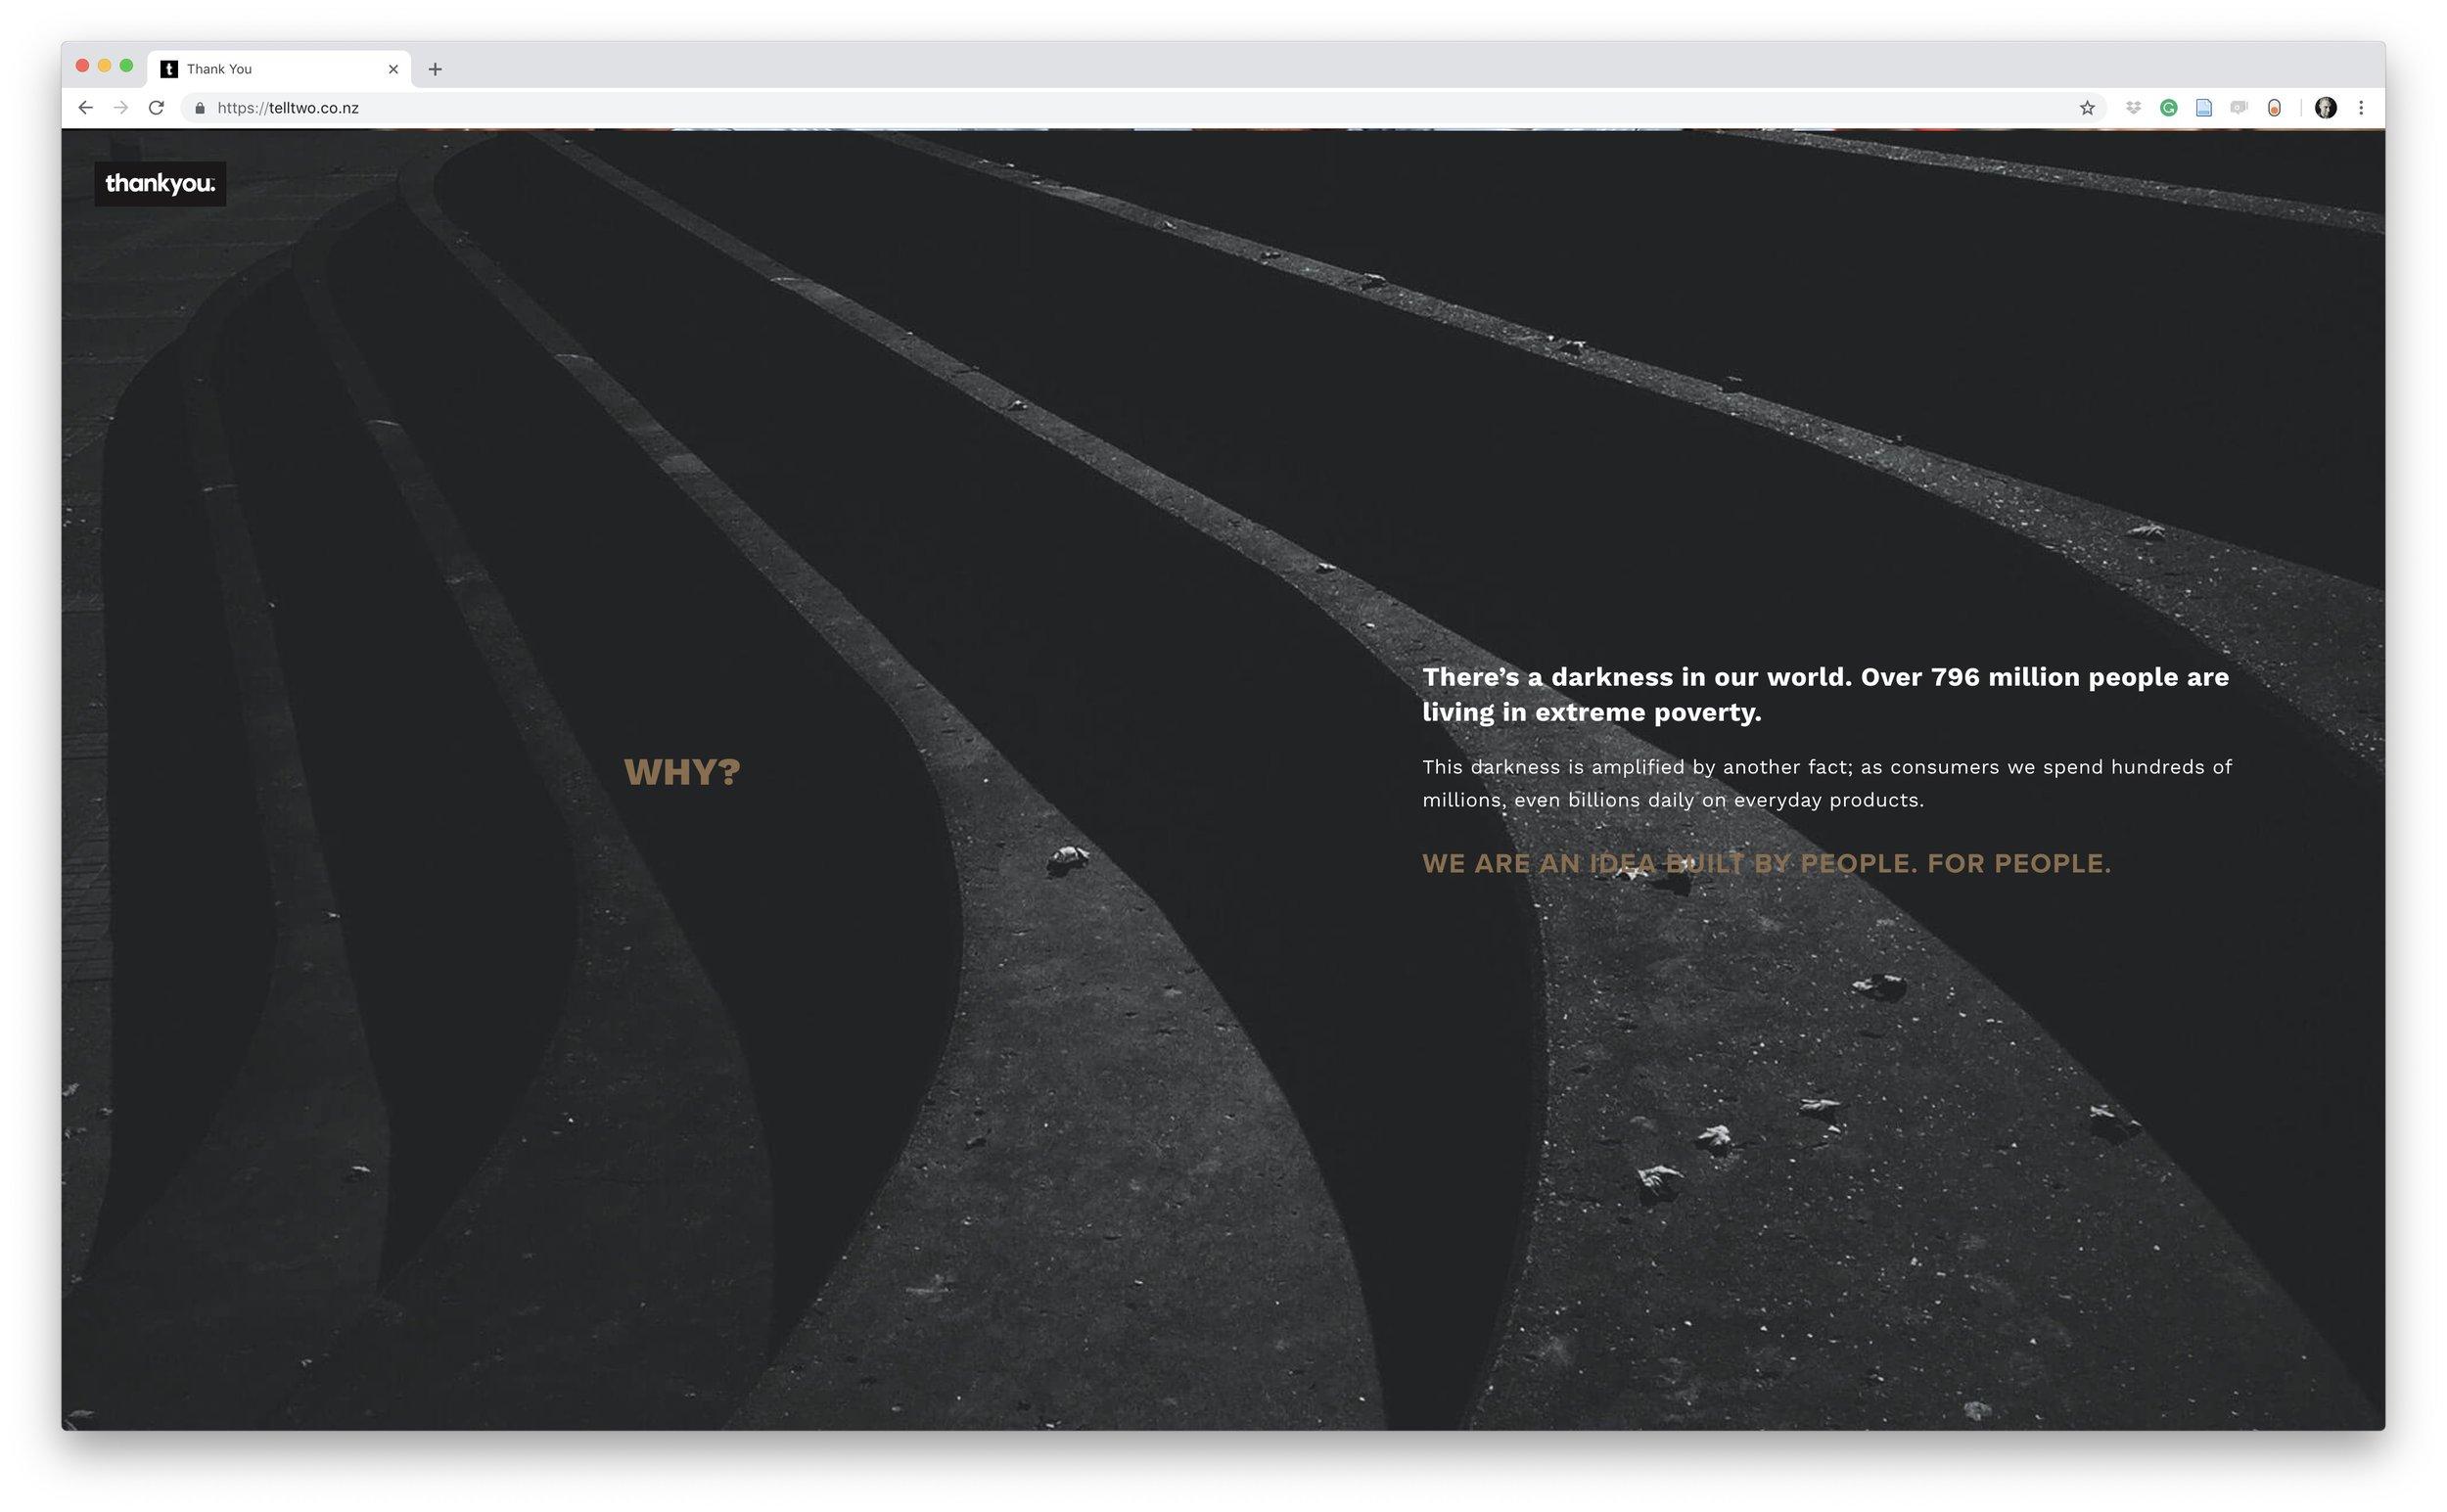 Screenshot 2018-10-10 08.25.12.jpg